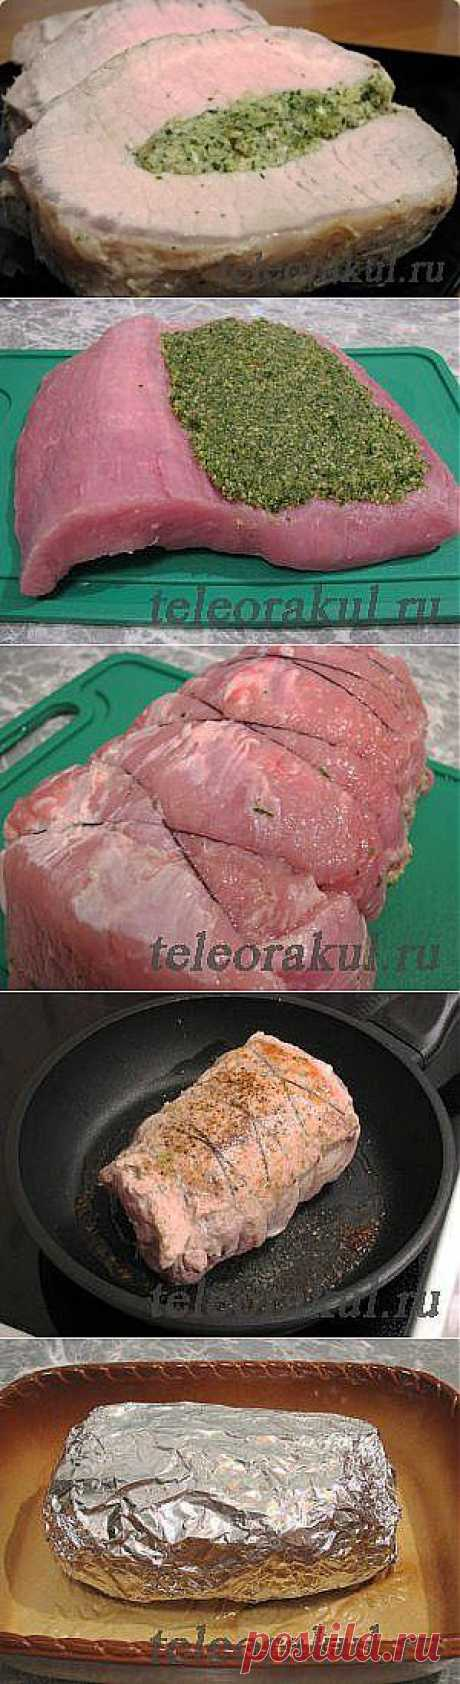 Свинина, фаршированная зеленью и орехами  - рецепты с фото